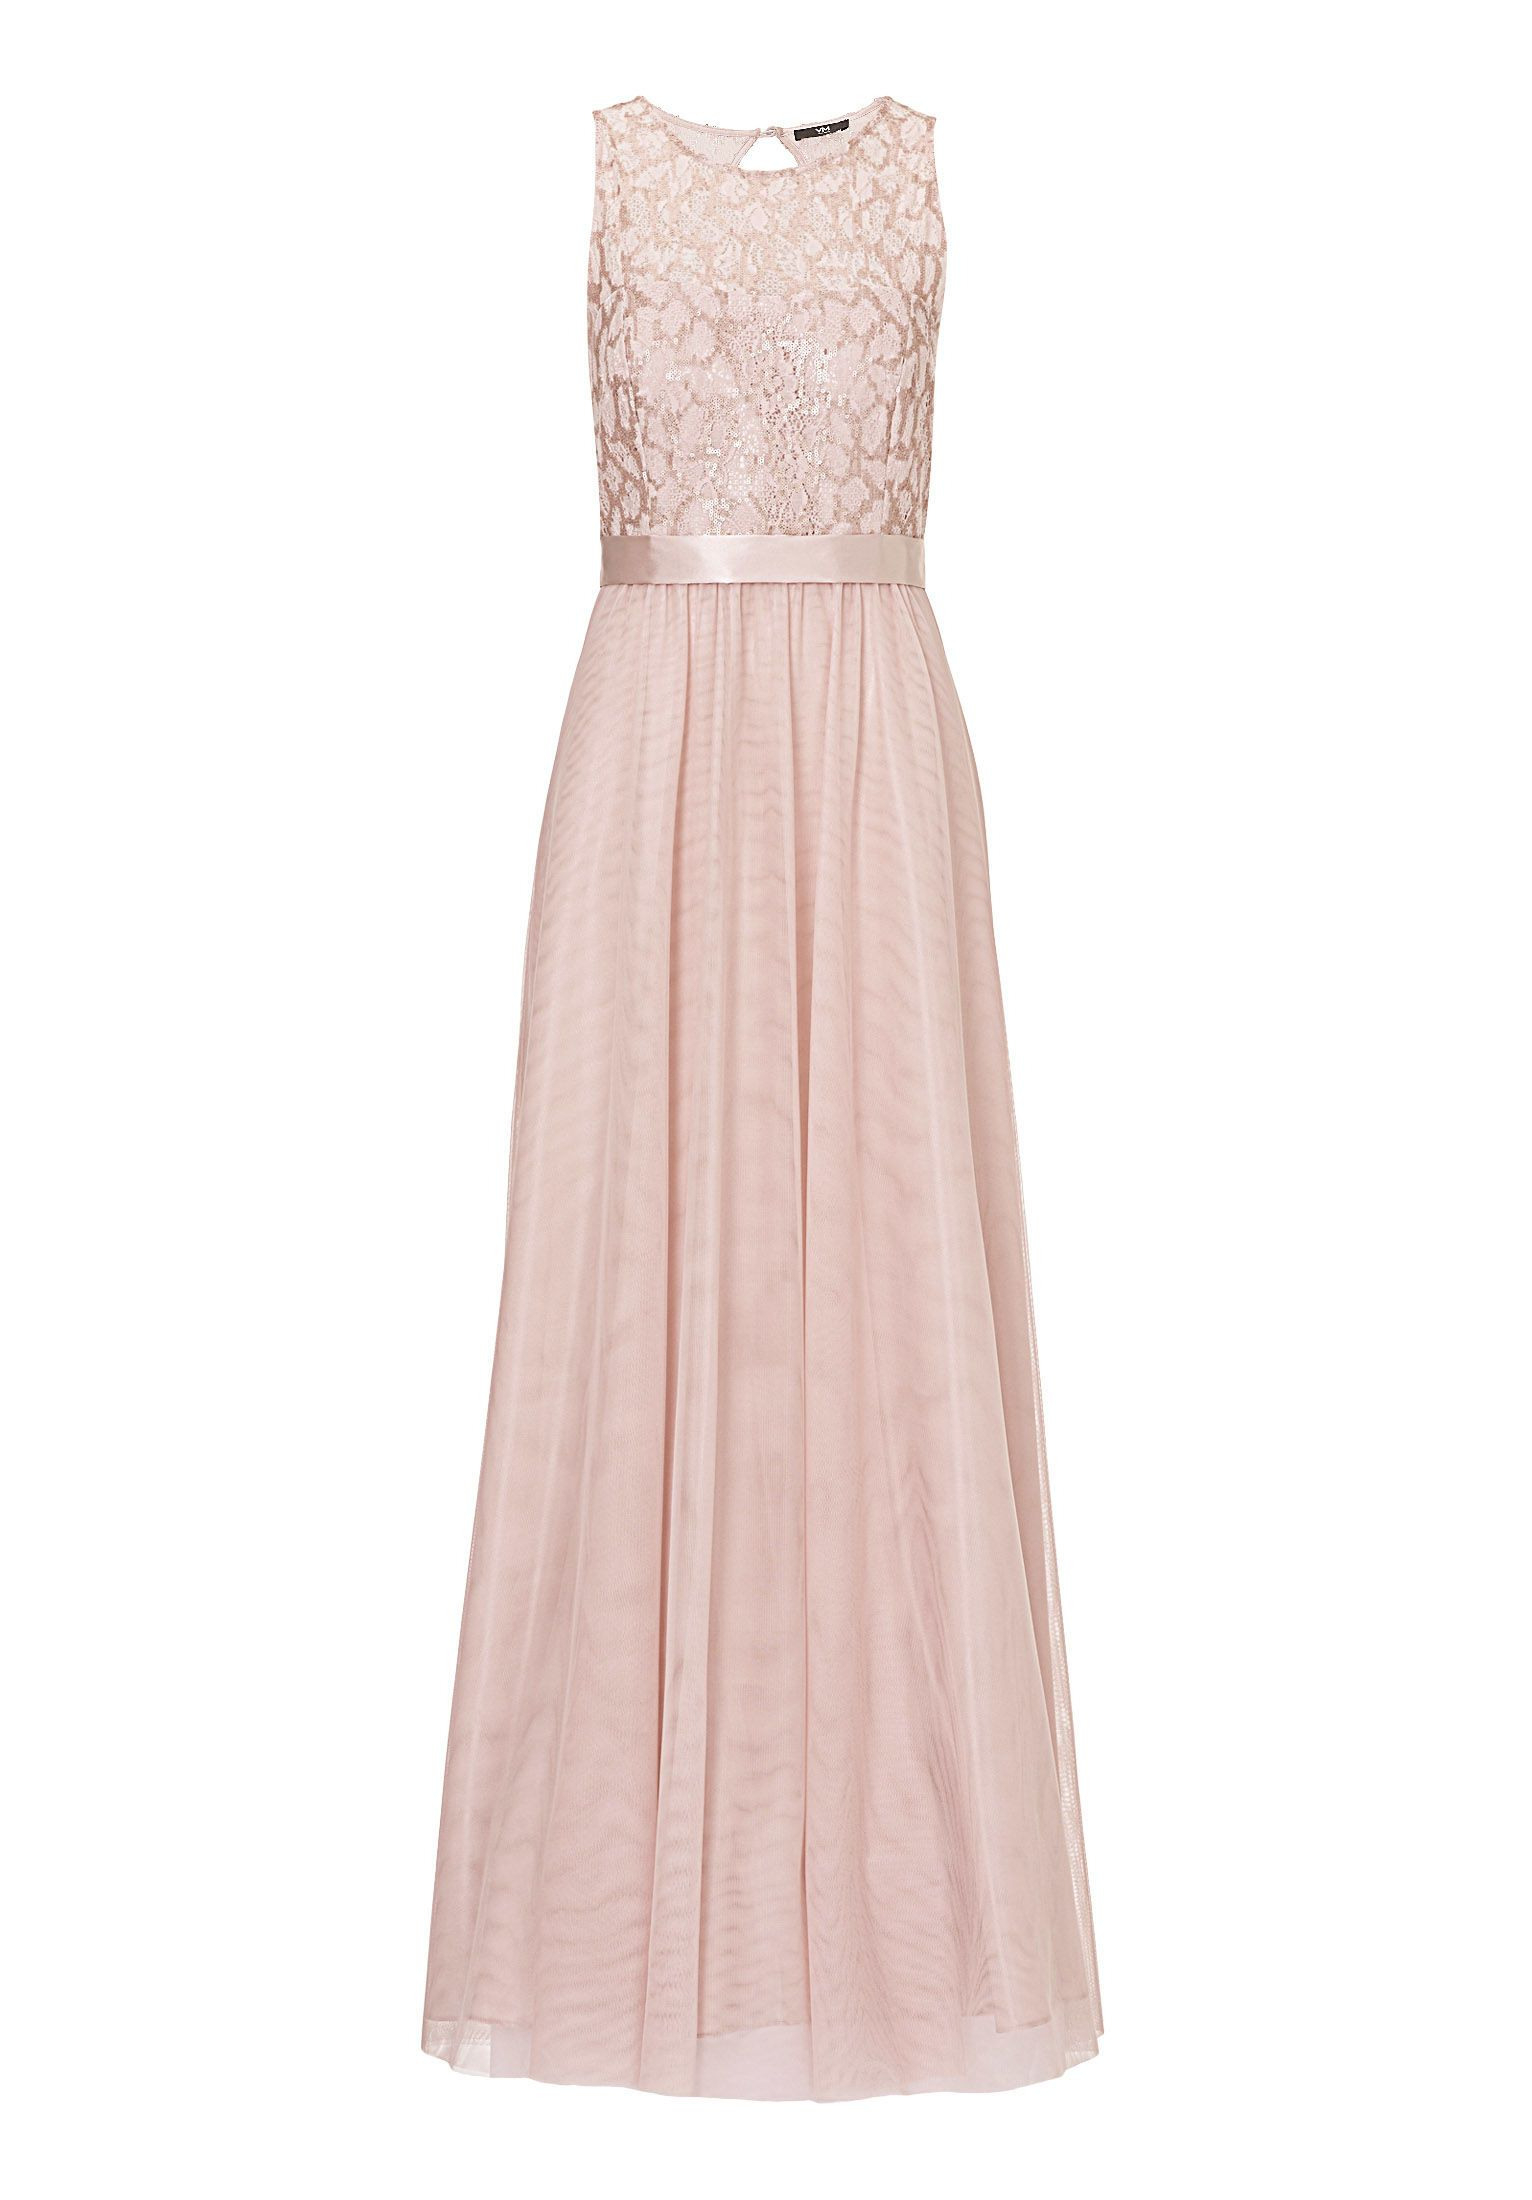 Einzigartig Vera Mont Abendkleid Rosa Vertrieb - Abendkleid